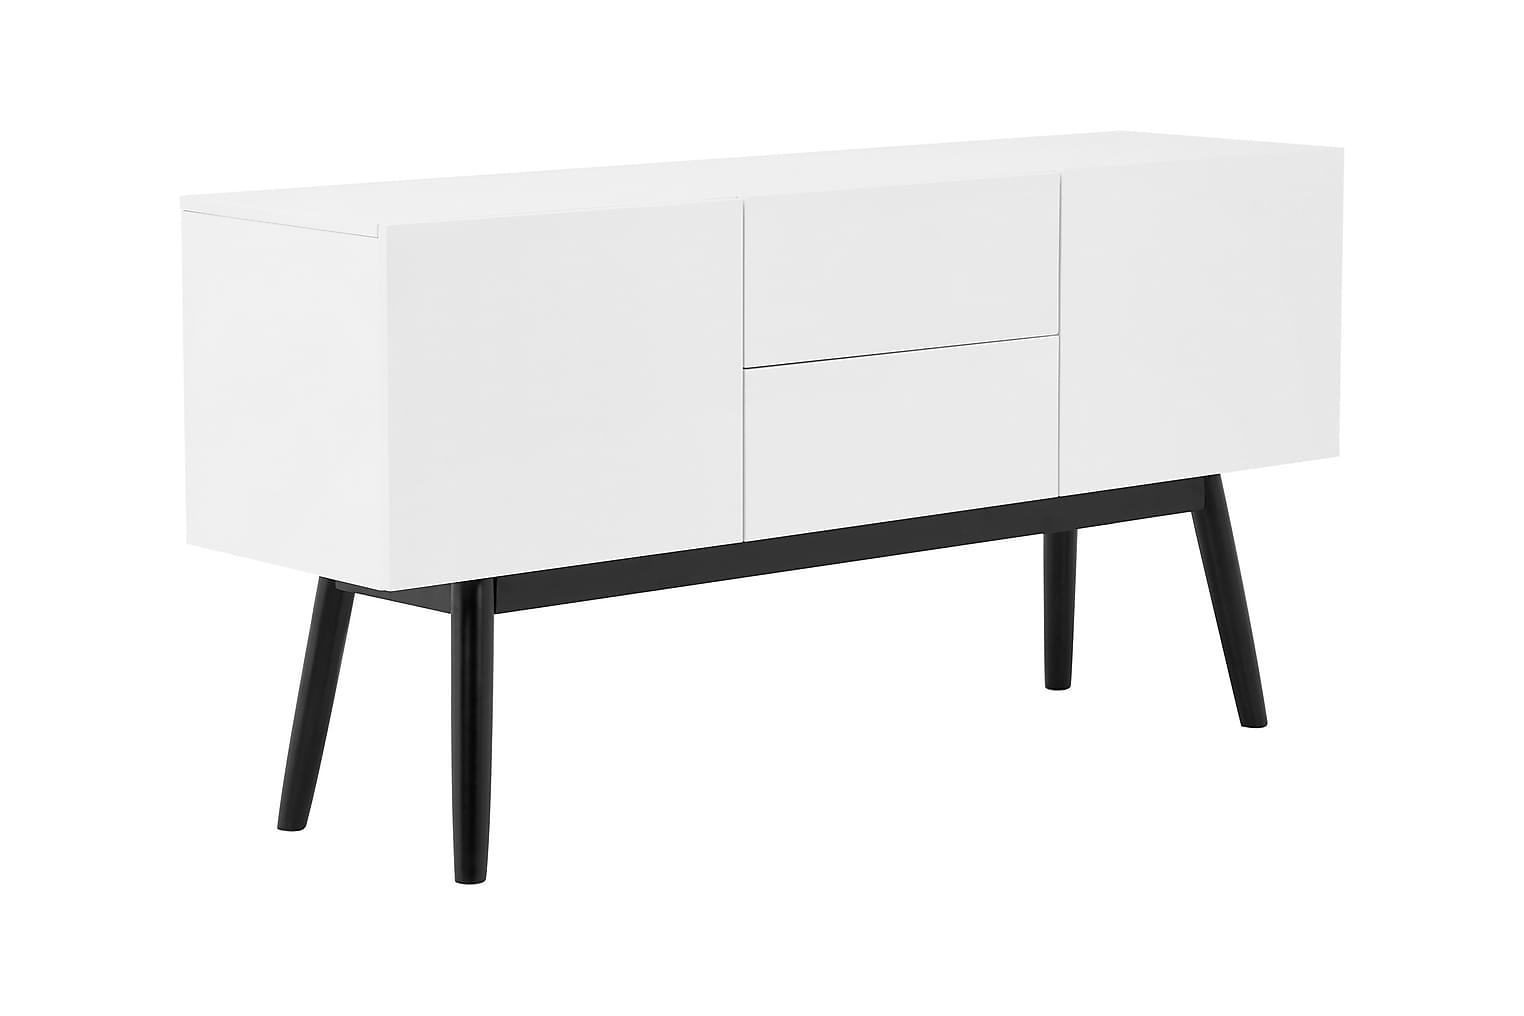 BERGSUND Sivupöytä 150 Valkoinen/Musta